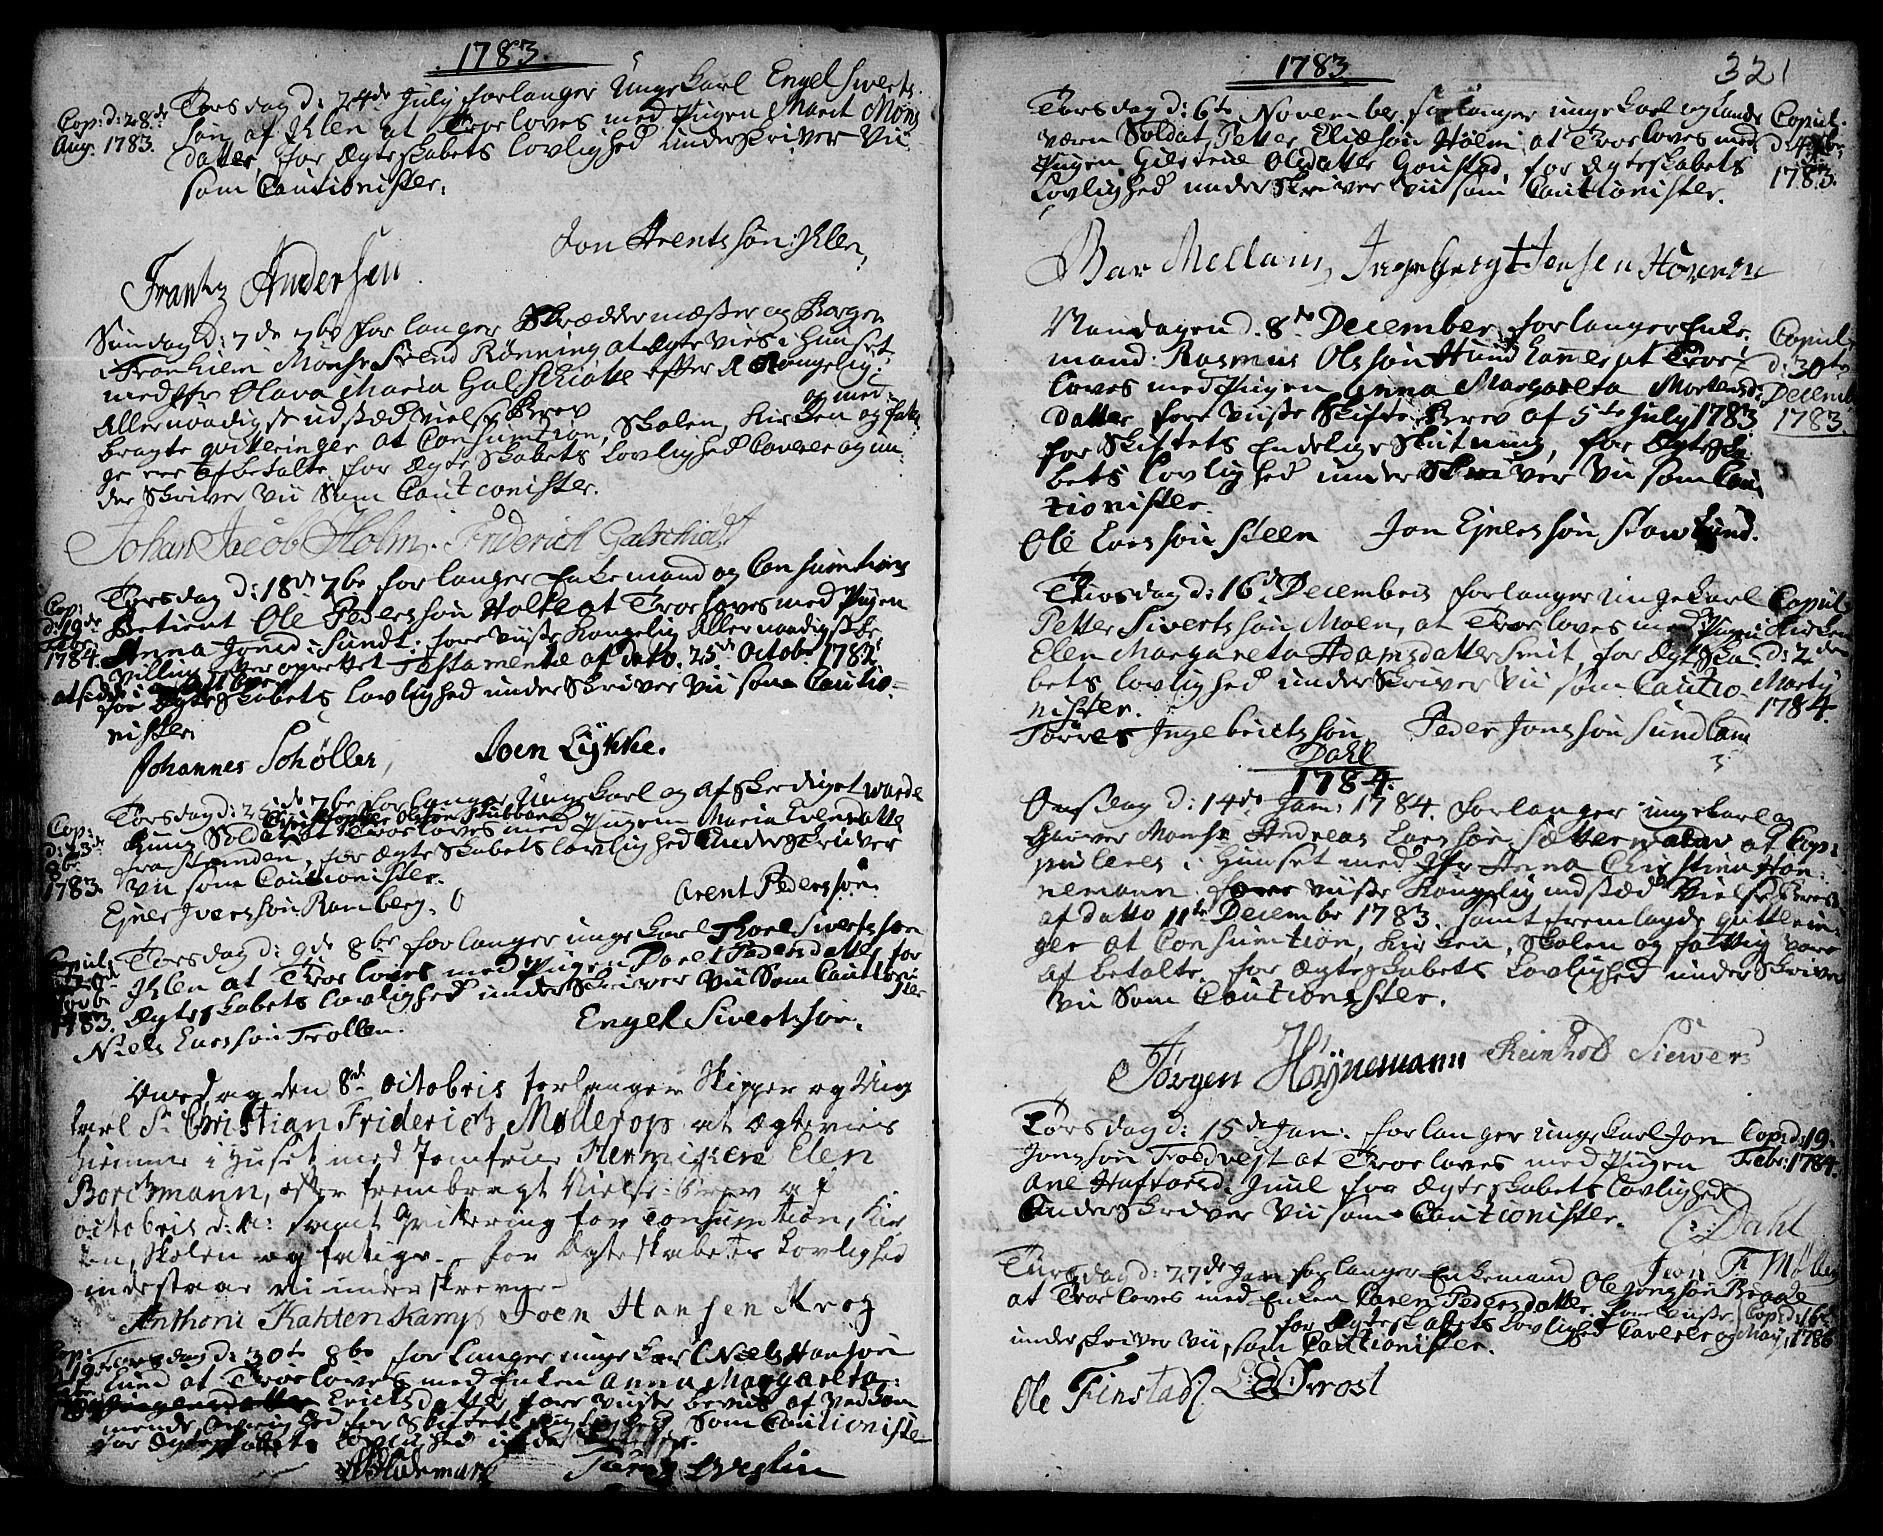 SAT, Ministerialprotokoller, klokkerbøker og fødselsregistre - Sør-Trøndelag, 601/L0038: Ministerialbok nr. 601A06, 1766-1877, s. 321